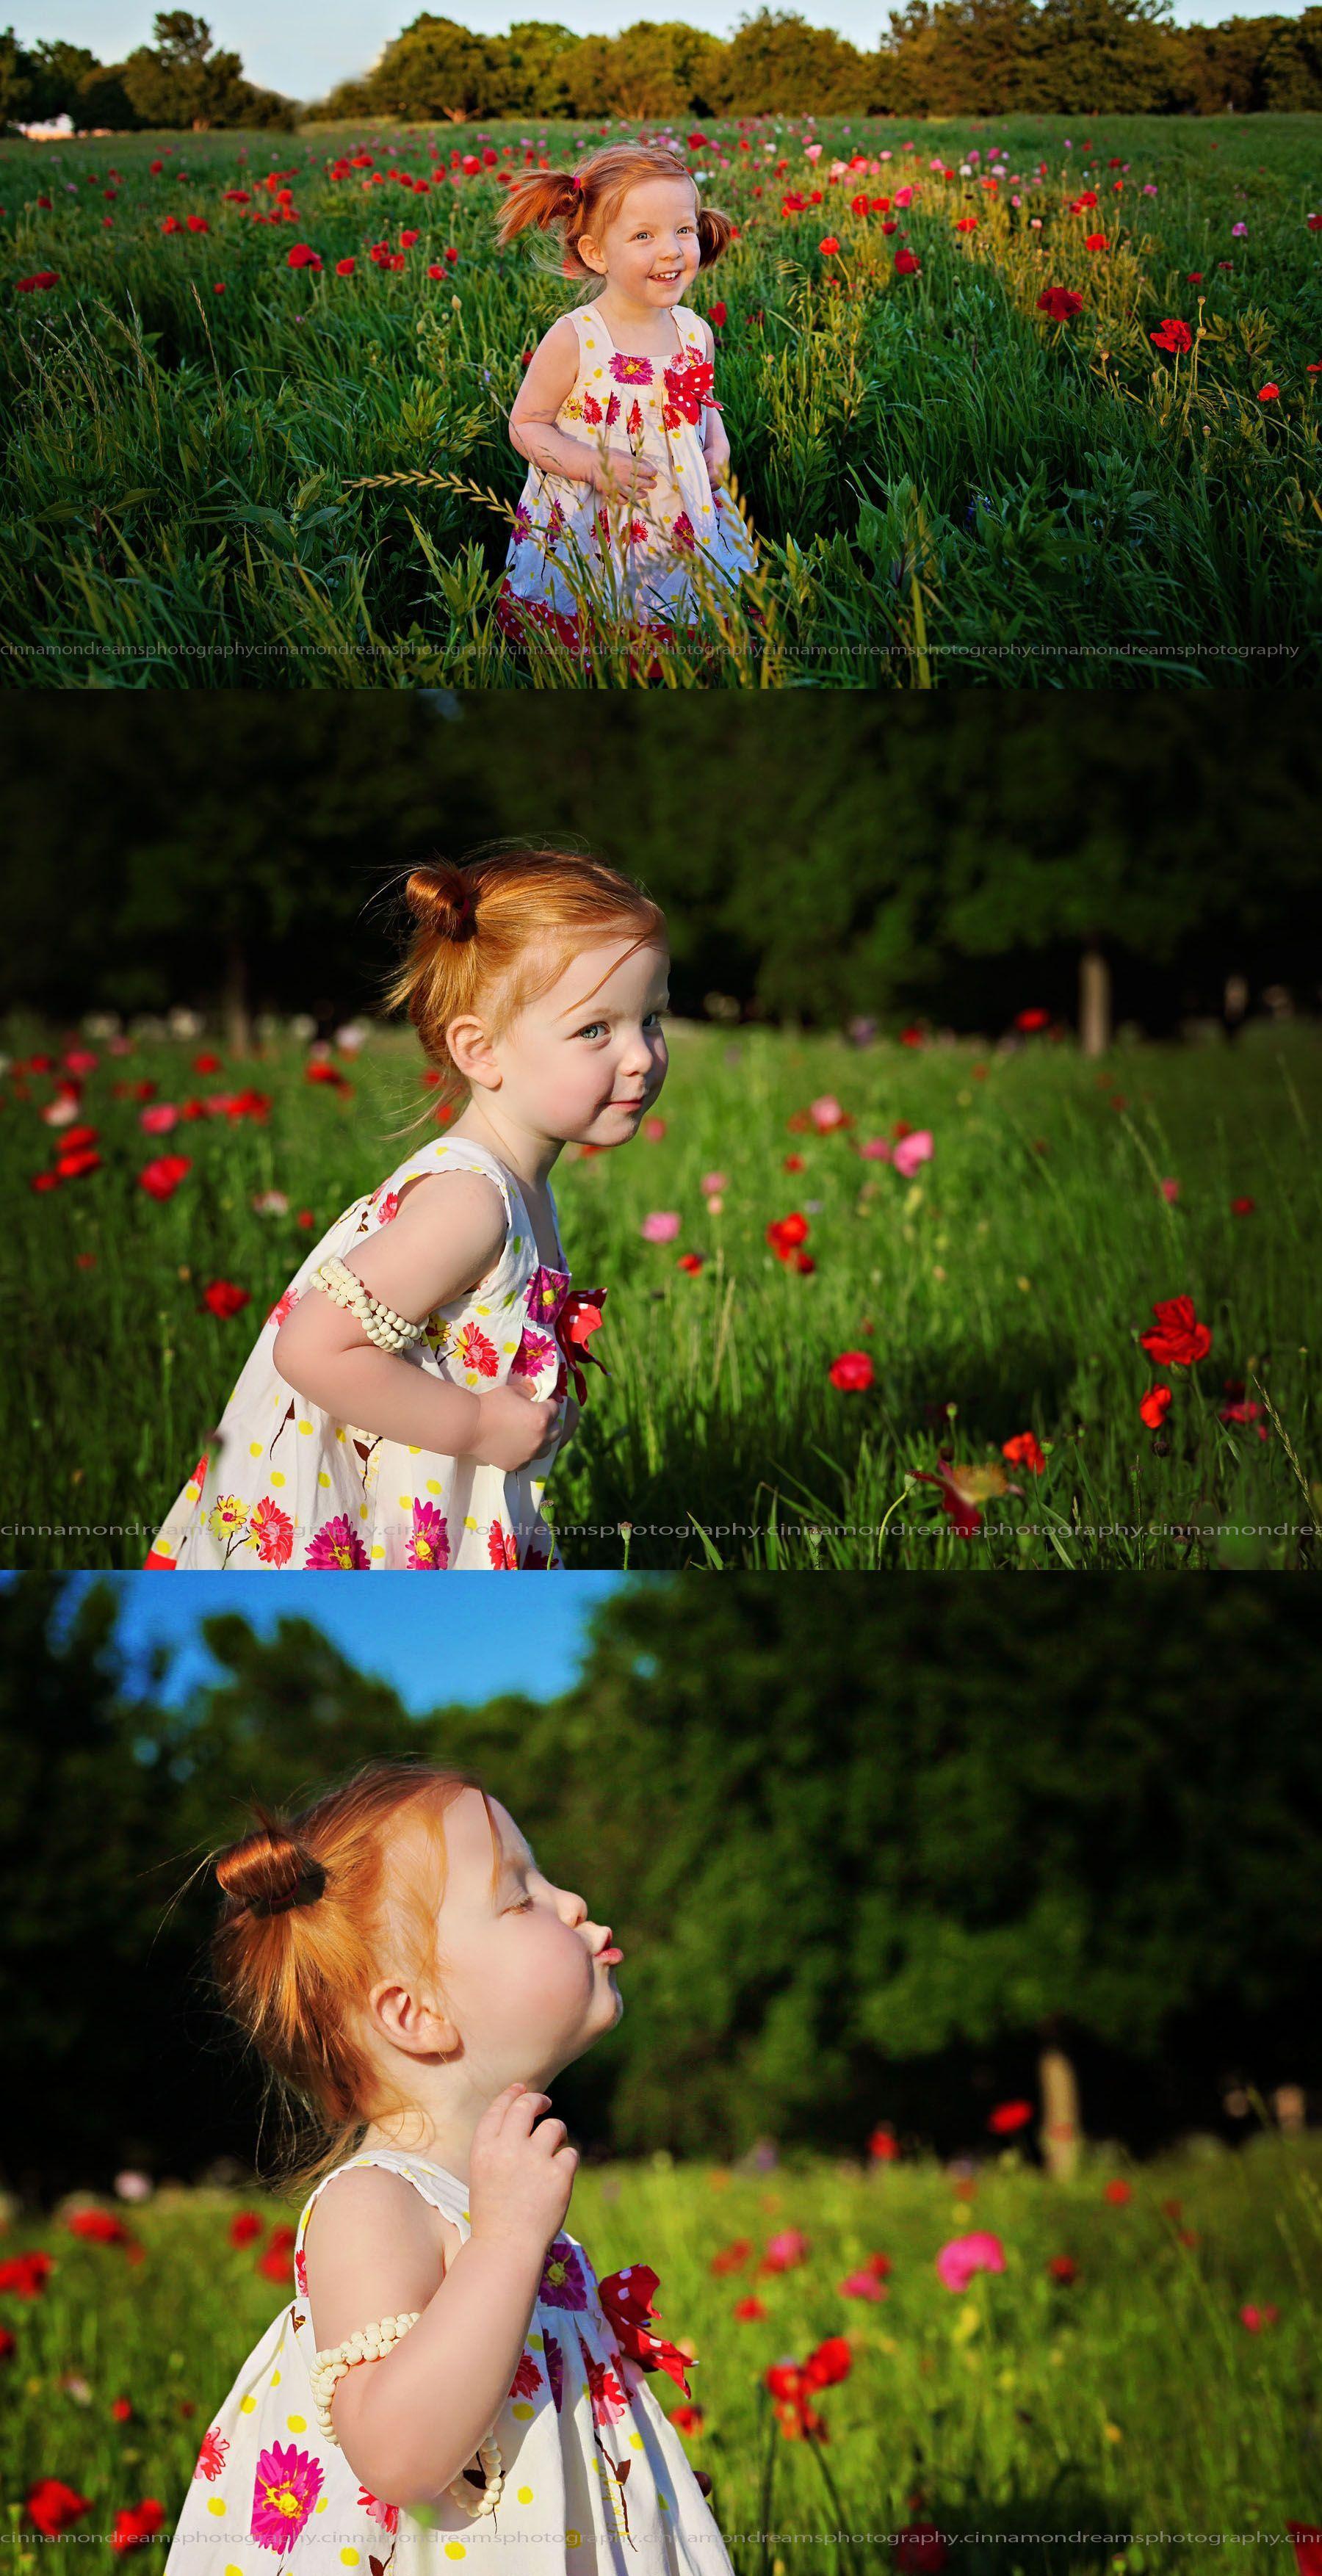 Las 20 fotografías de flores más hermosas e impactantes